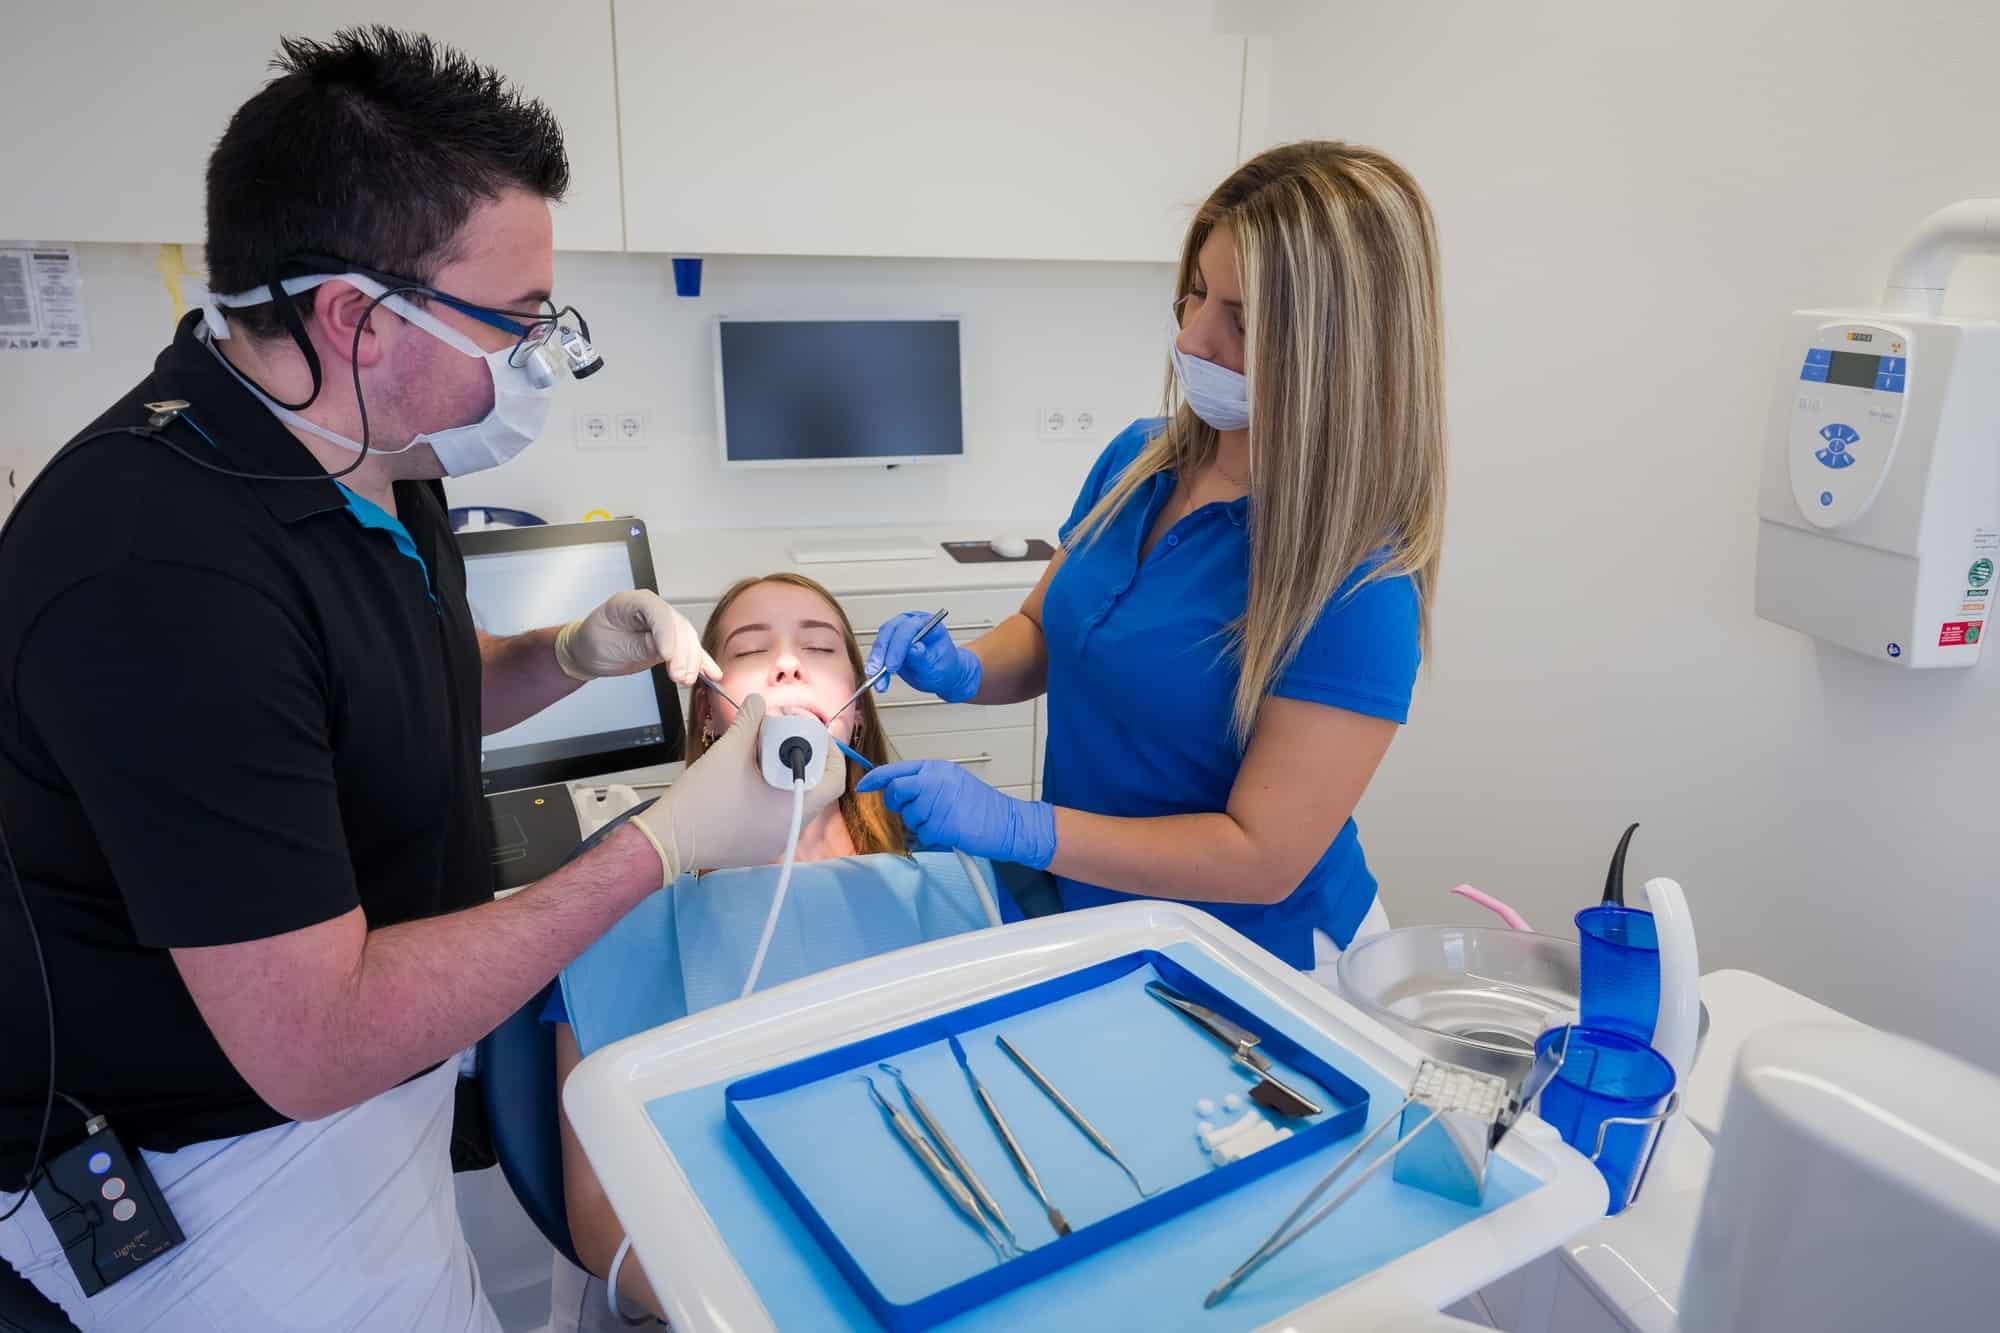 Zahnarzt in Mühlheim - Dr. Hintze bei der Arbeit